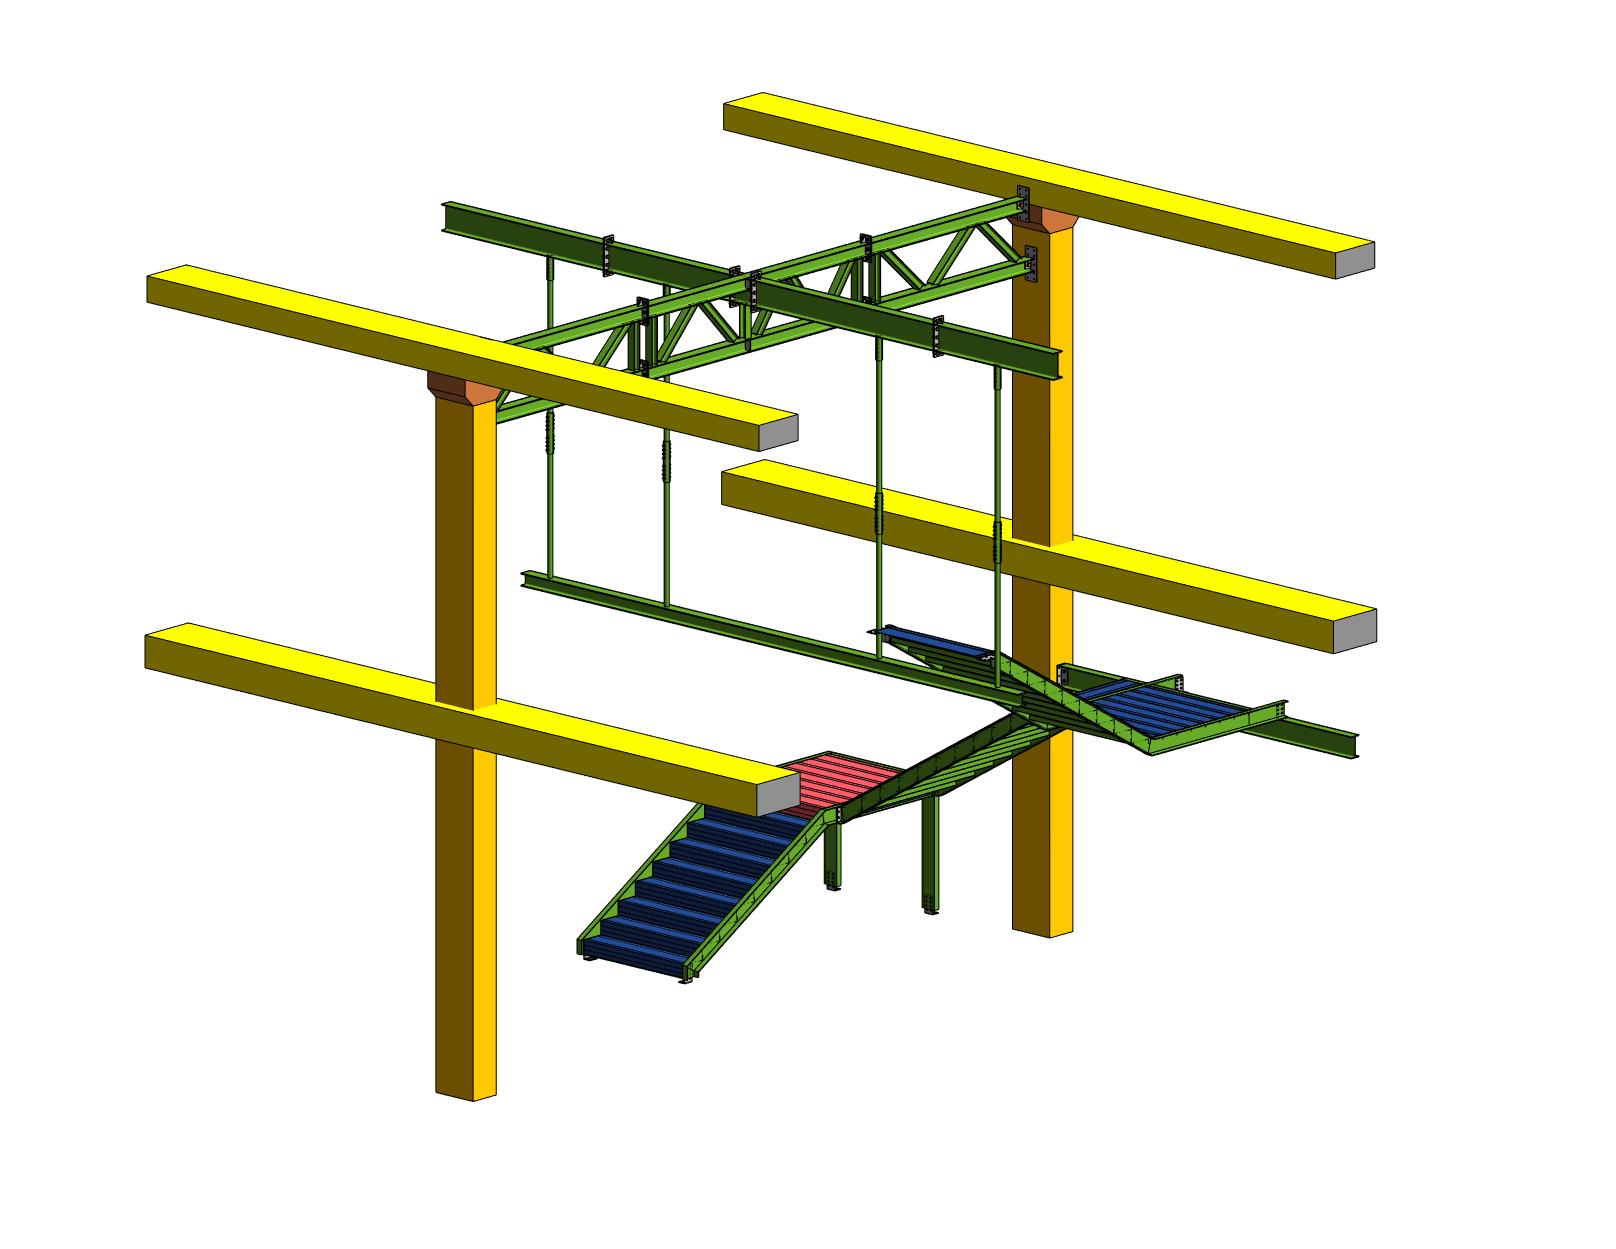 Escalera flotante Motocard CAD CAM 1